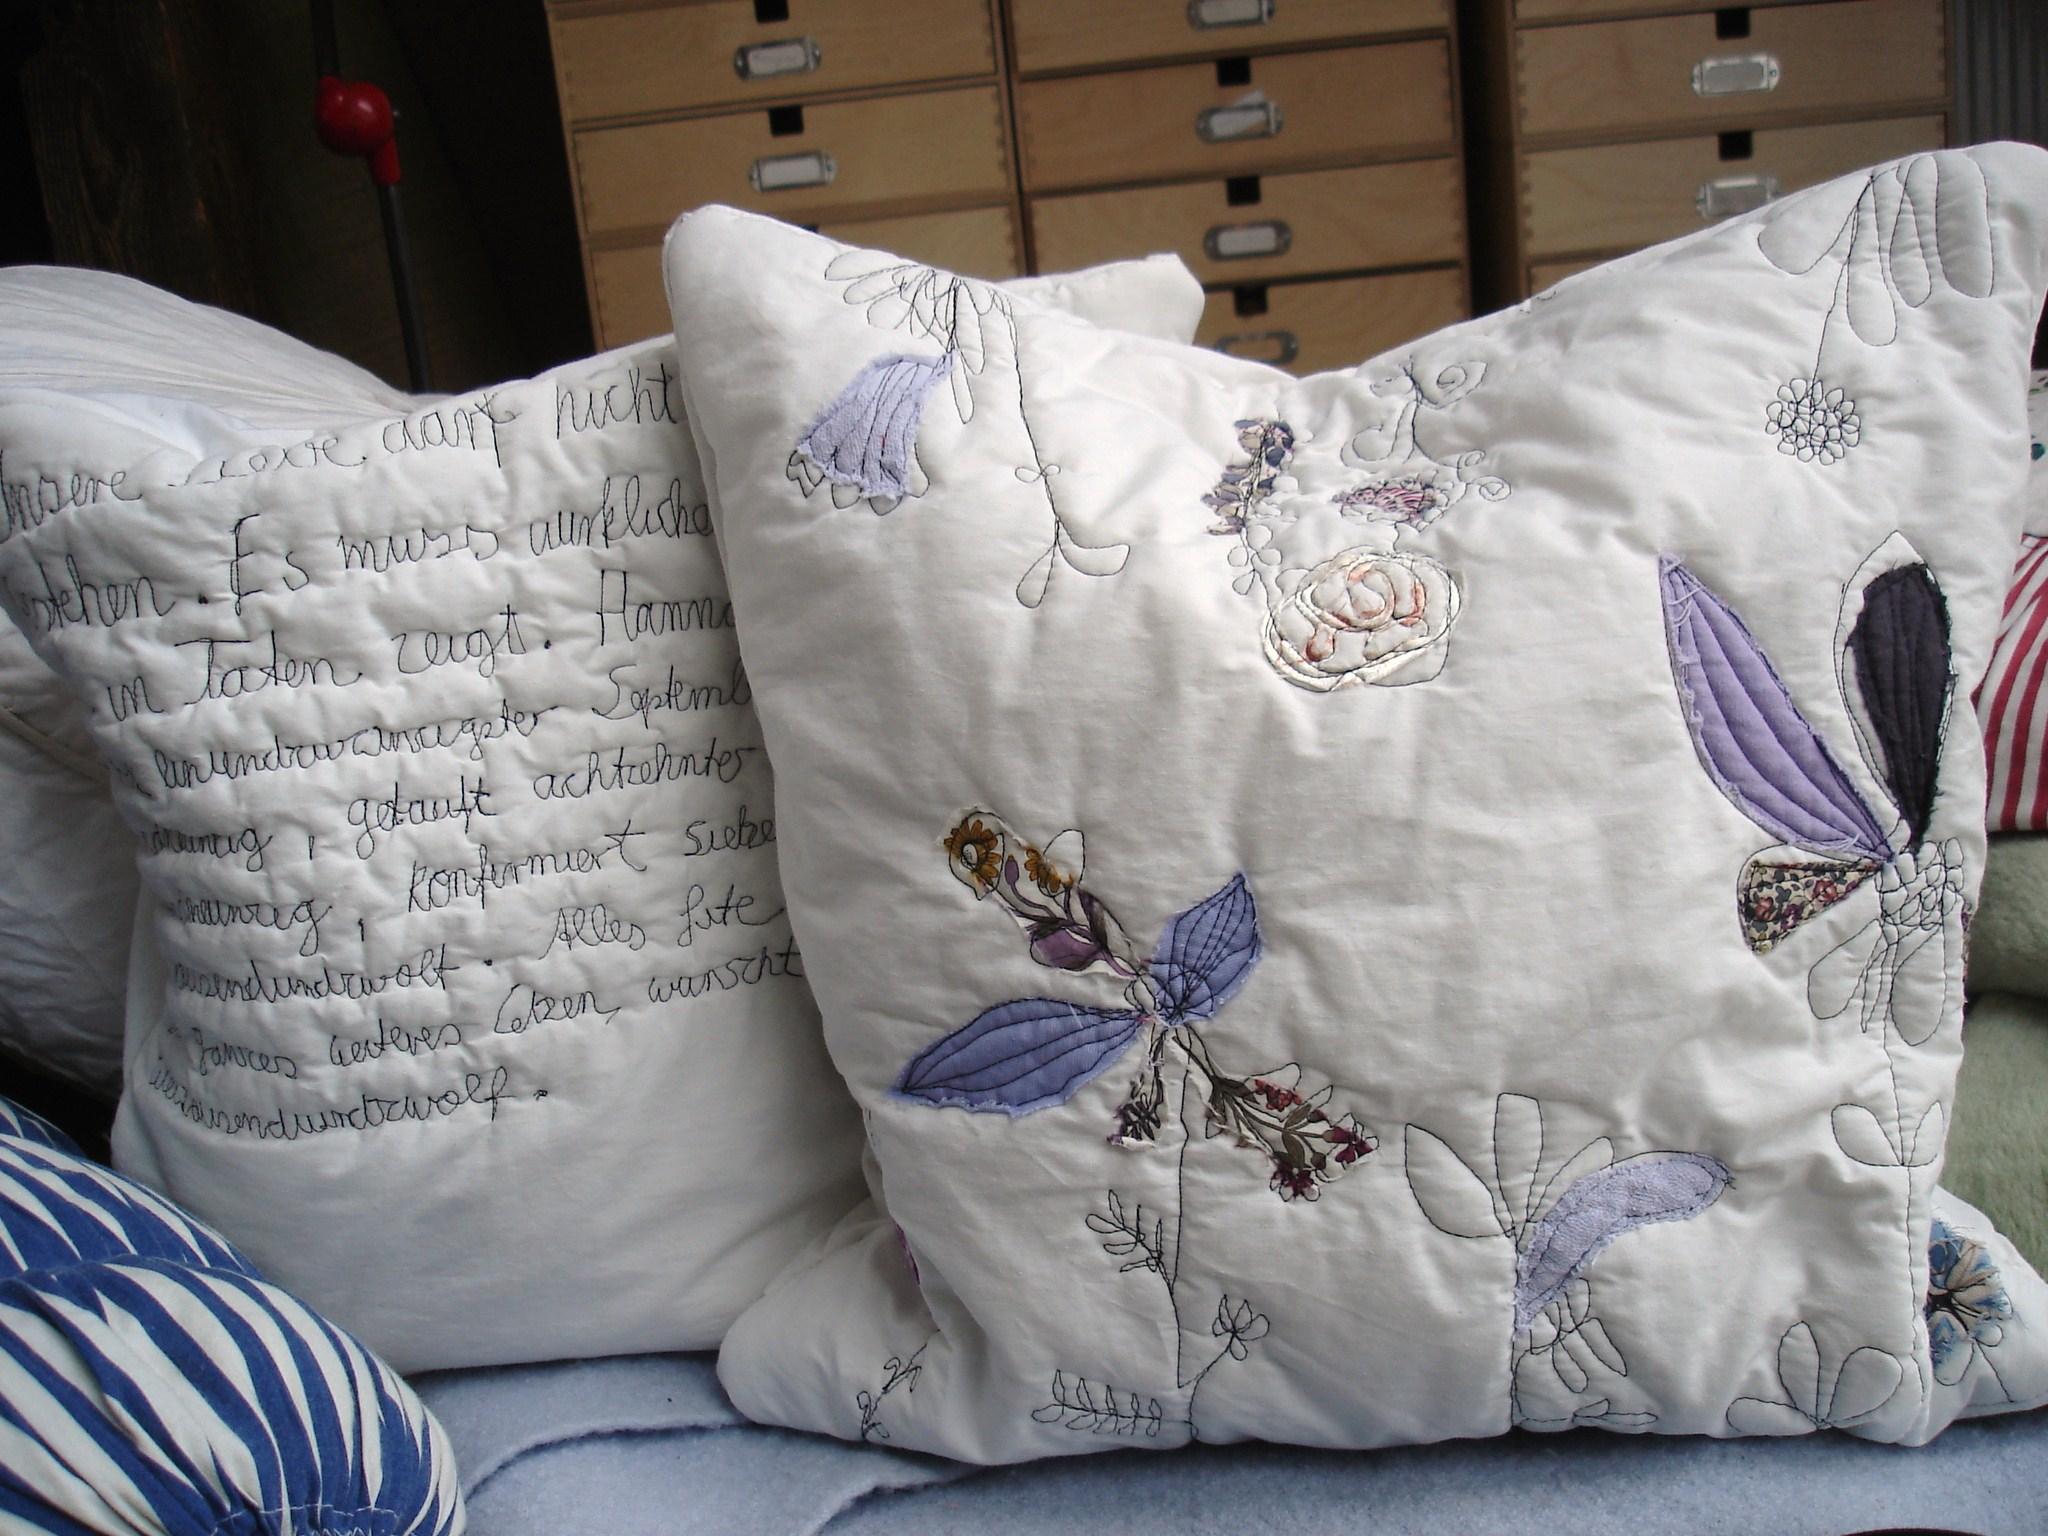 poetisch kissen finest uevon kisten und kissenuc with poetisch kissen entdecken sie die. Black Bedroom Furniture Sets. Home Design Ideas